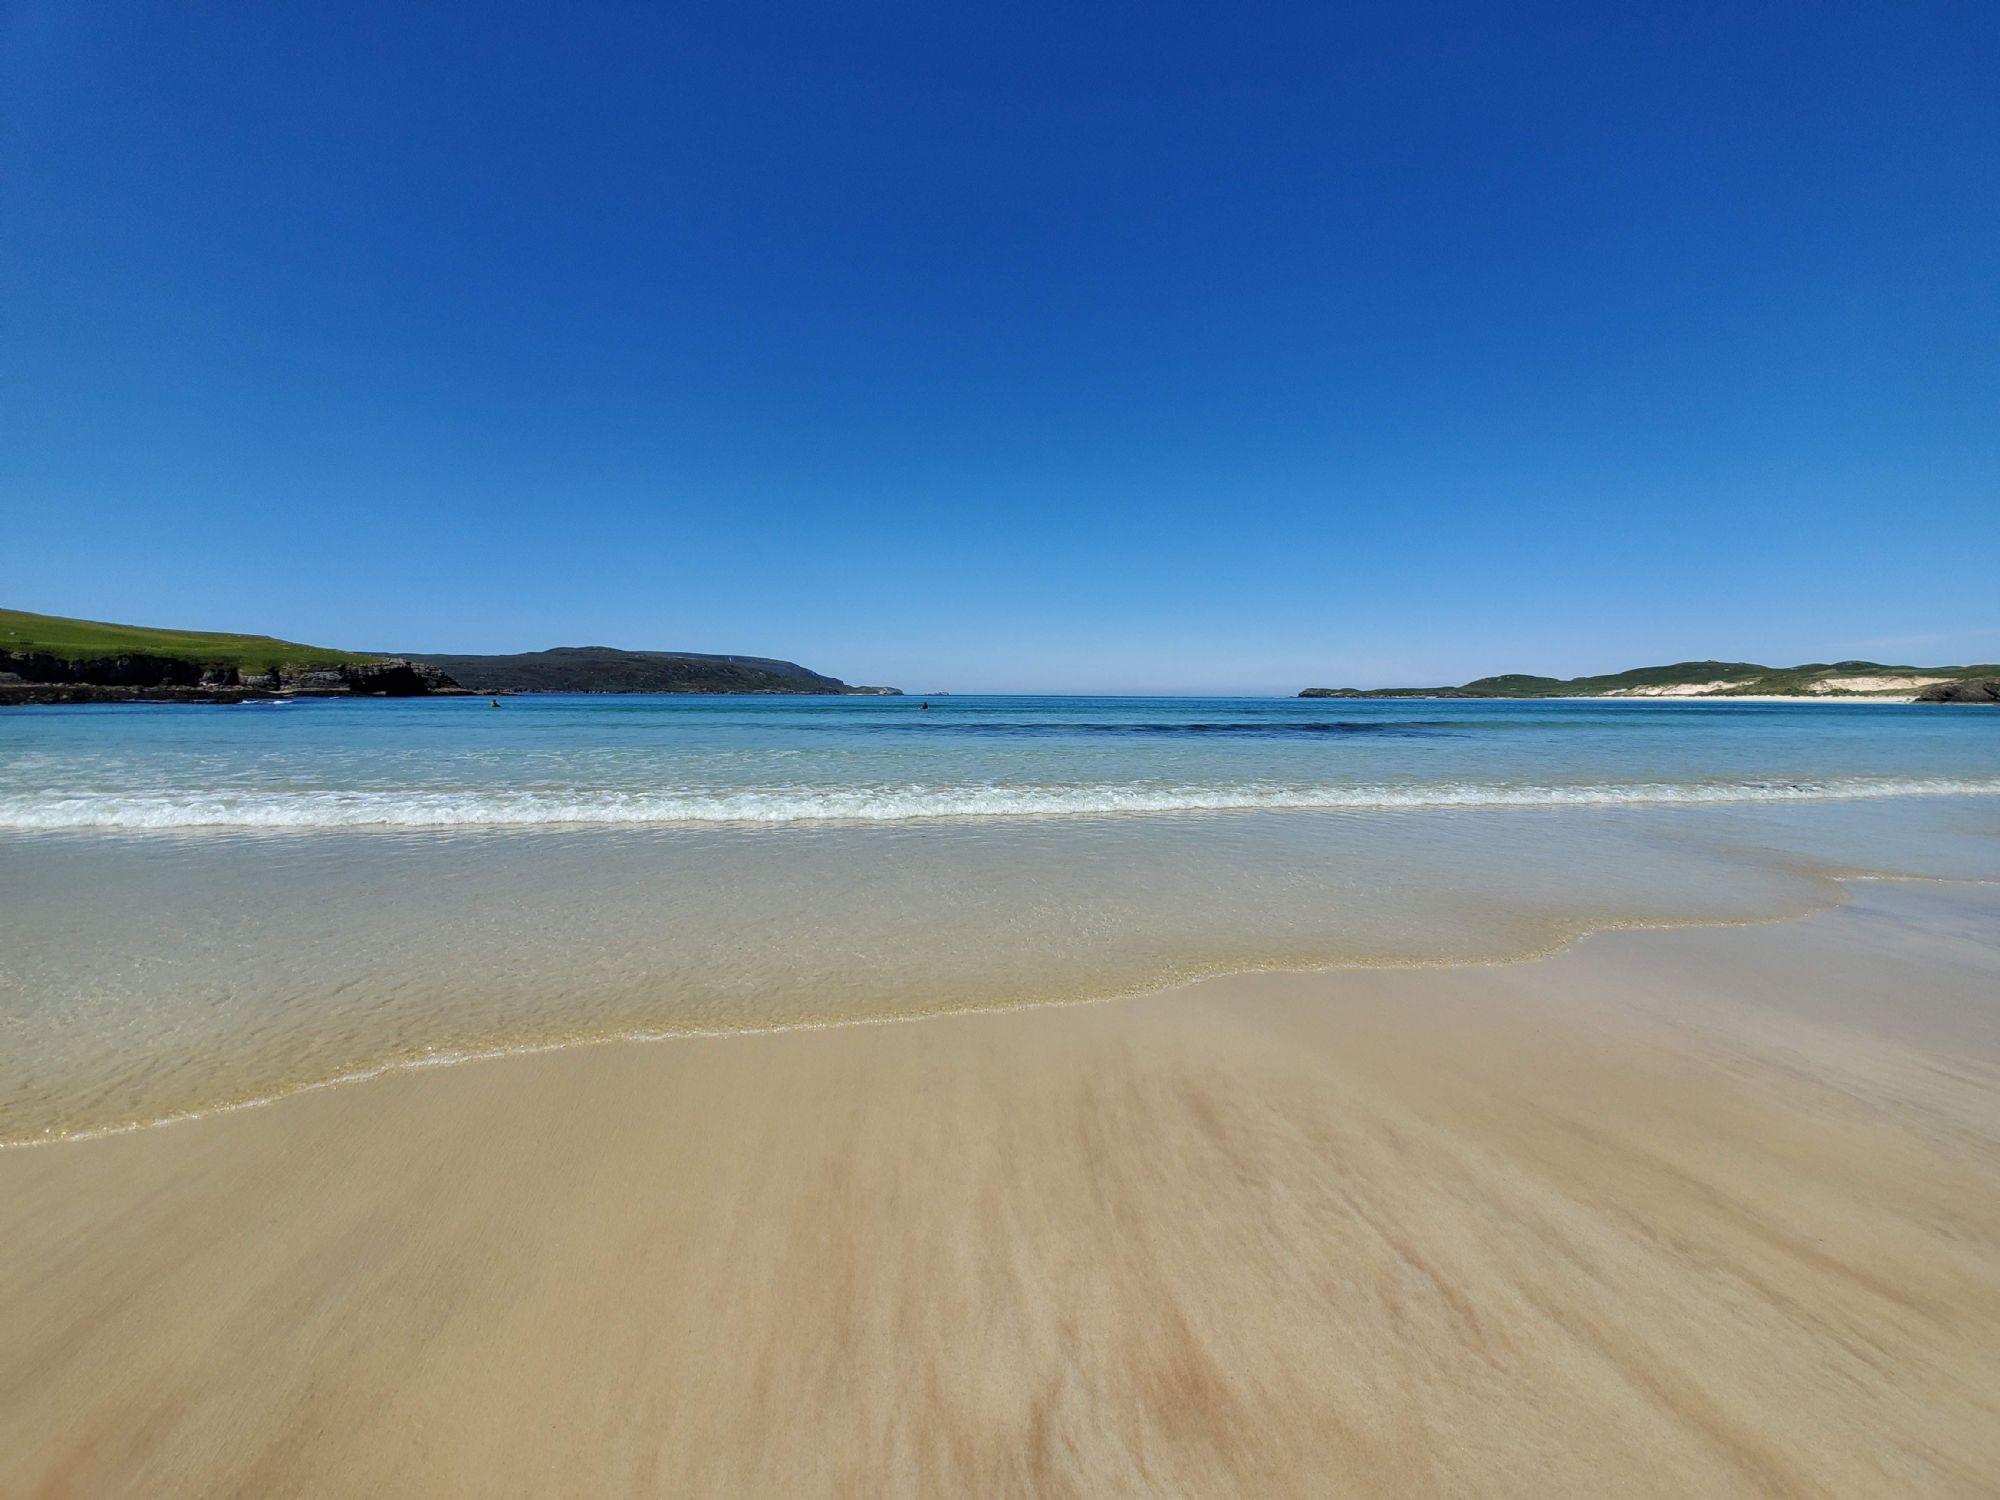 Beach @ Faraid Head